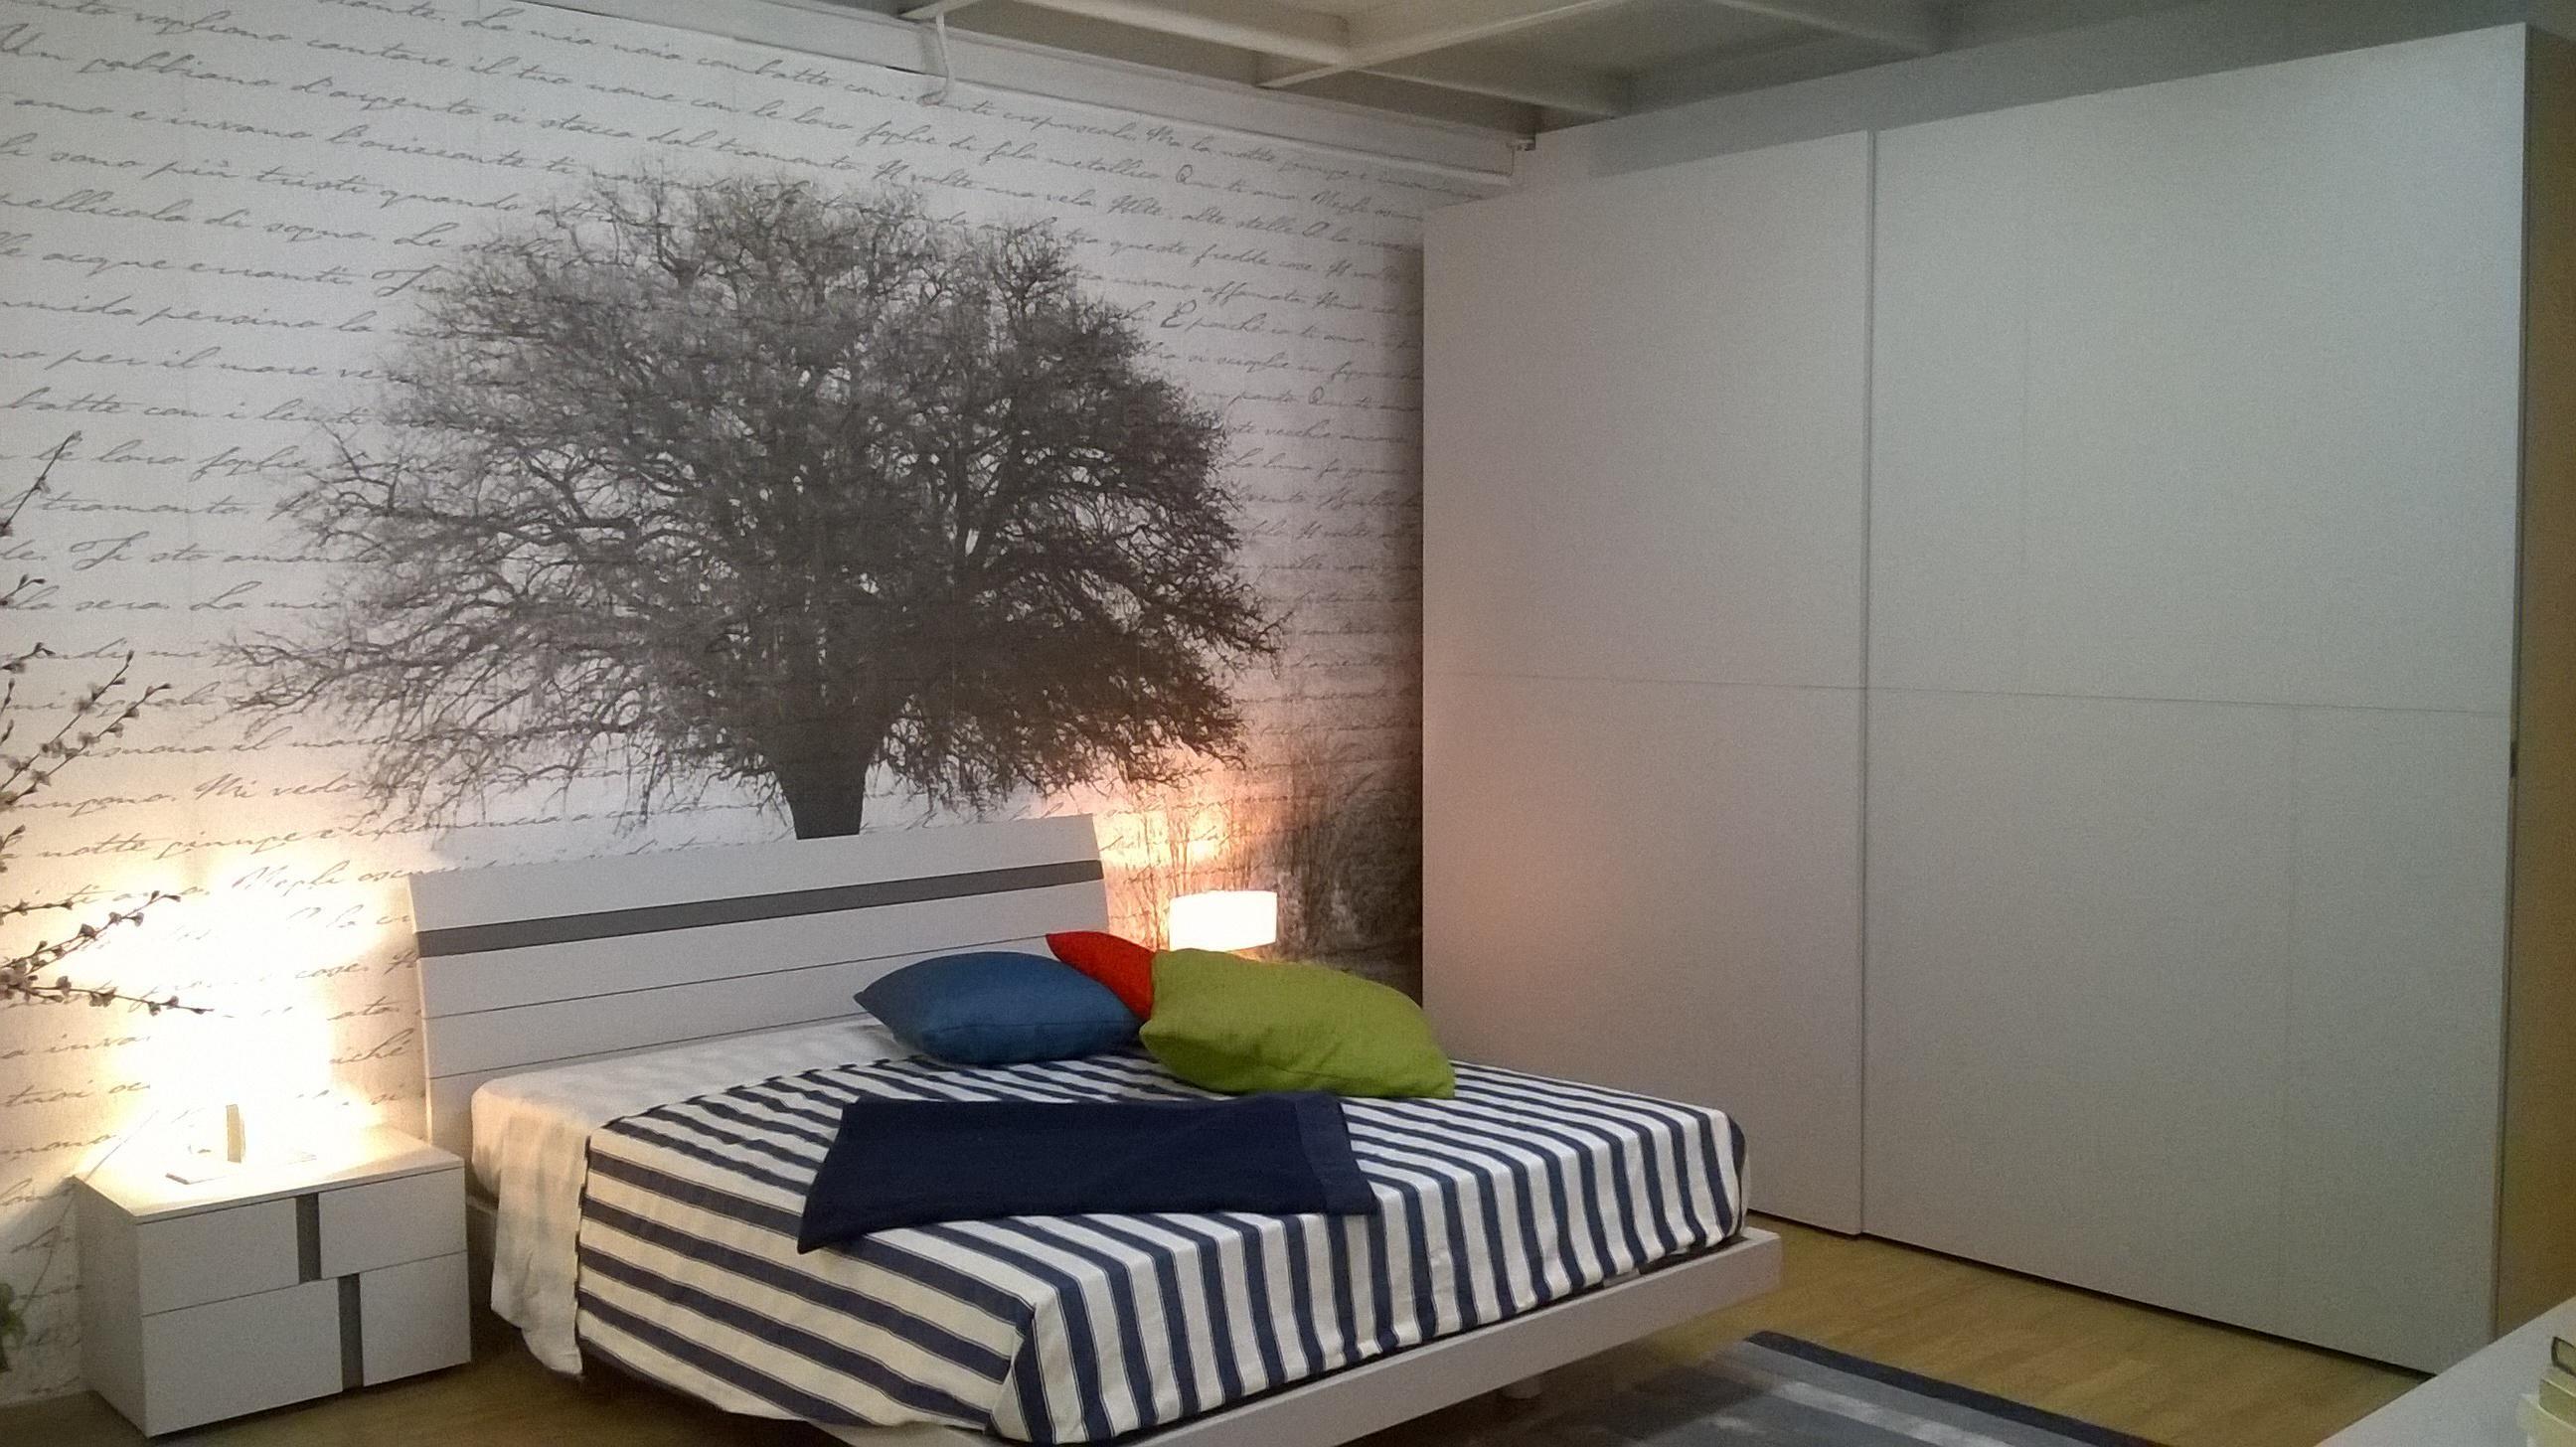 camera da letto tomasella in promozione camere a prezzi ForArmadio Camera Da Letto Offerte